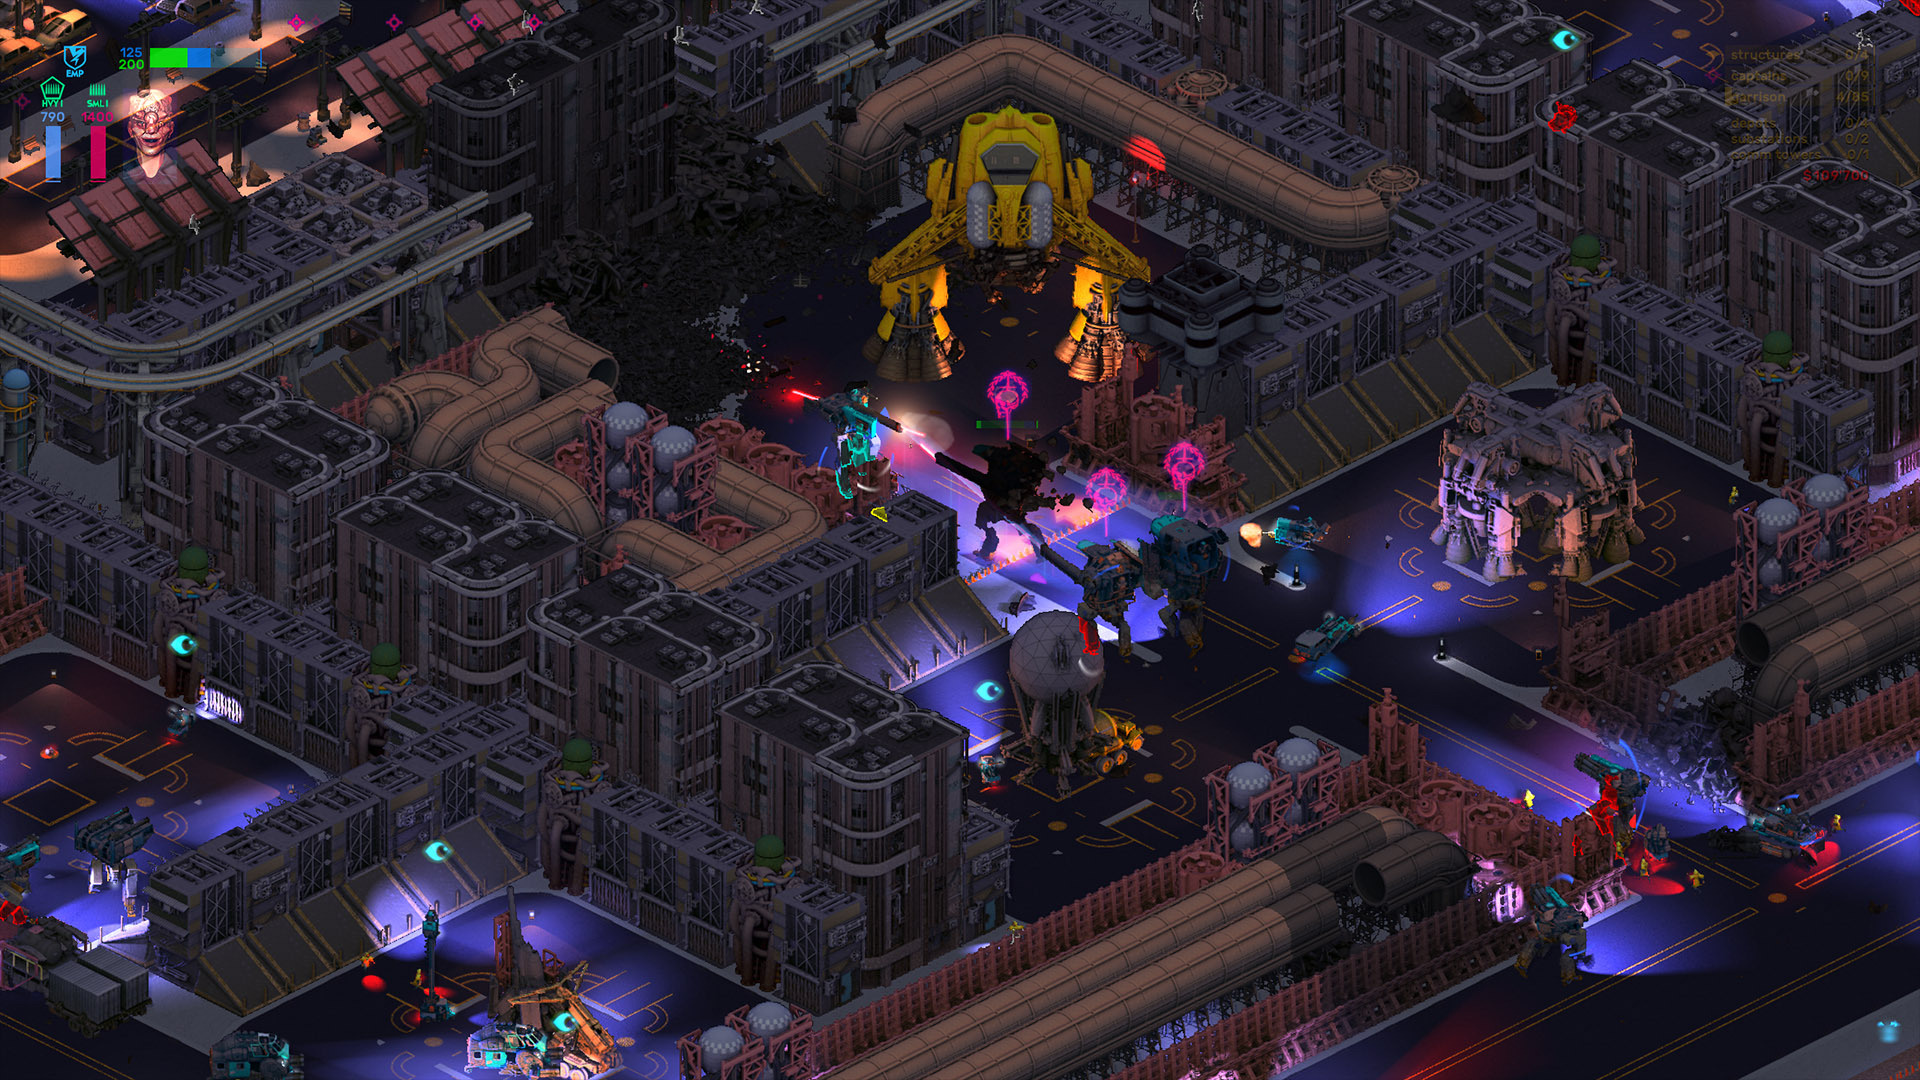 GOG раздаёт Deluxe-издание Brigador: Up-Armored